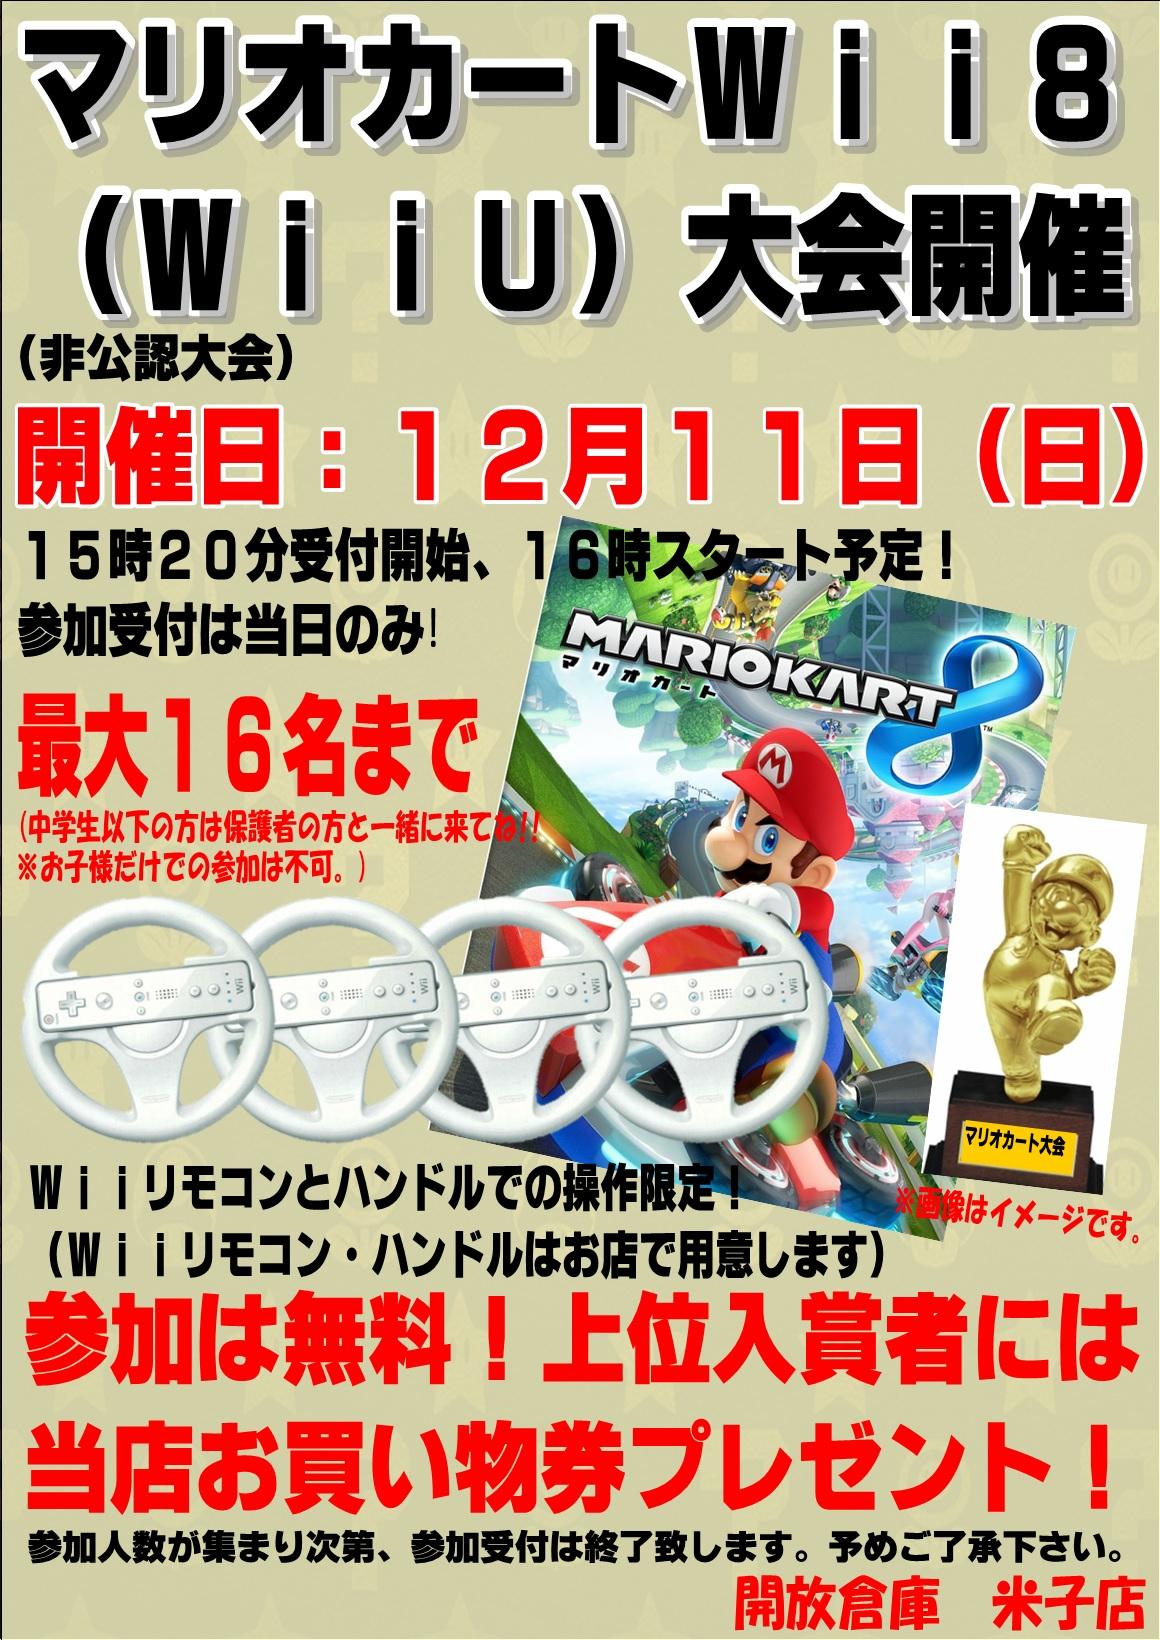 「開放倉庫米子店」2016年12月11日(日)マリオカートwii8大会開催!